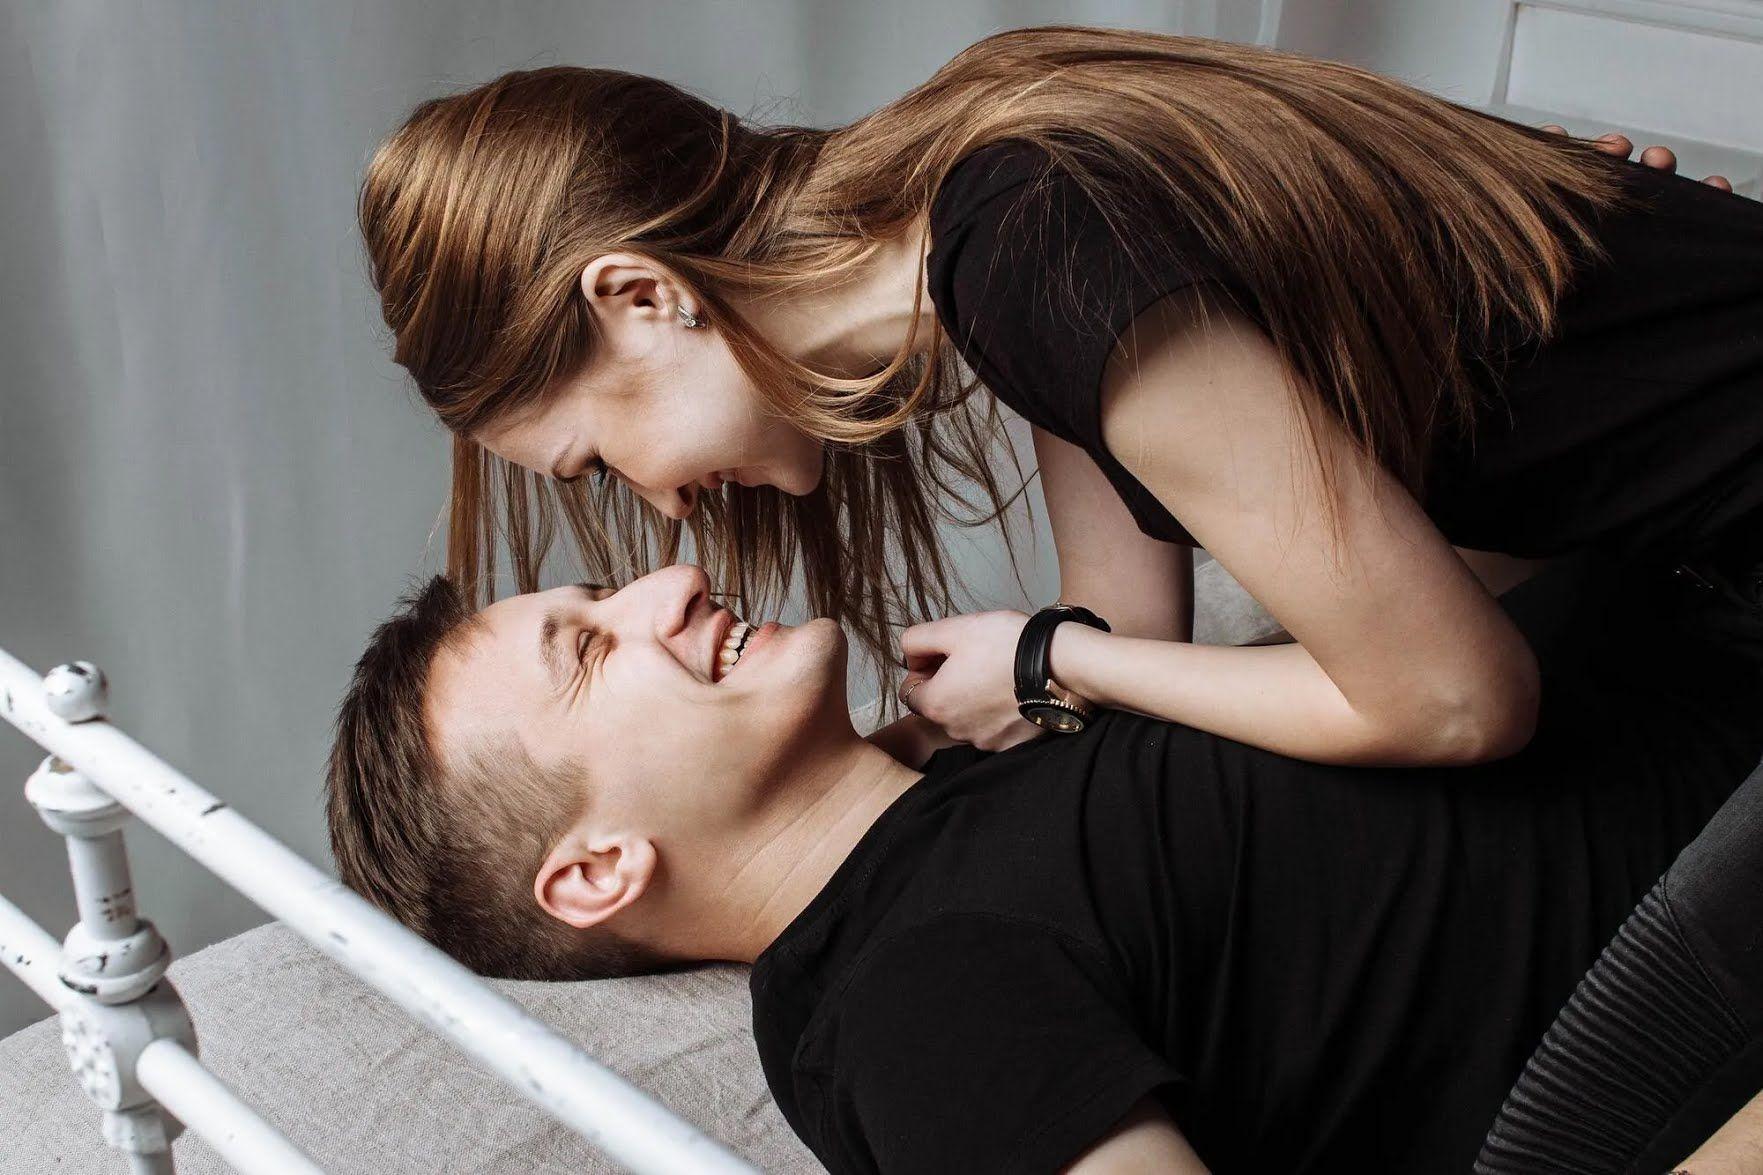 Секс не може зцілити і повернути почуття